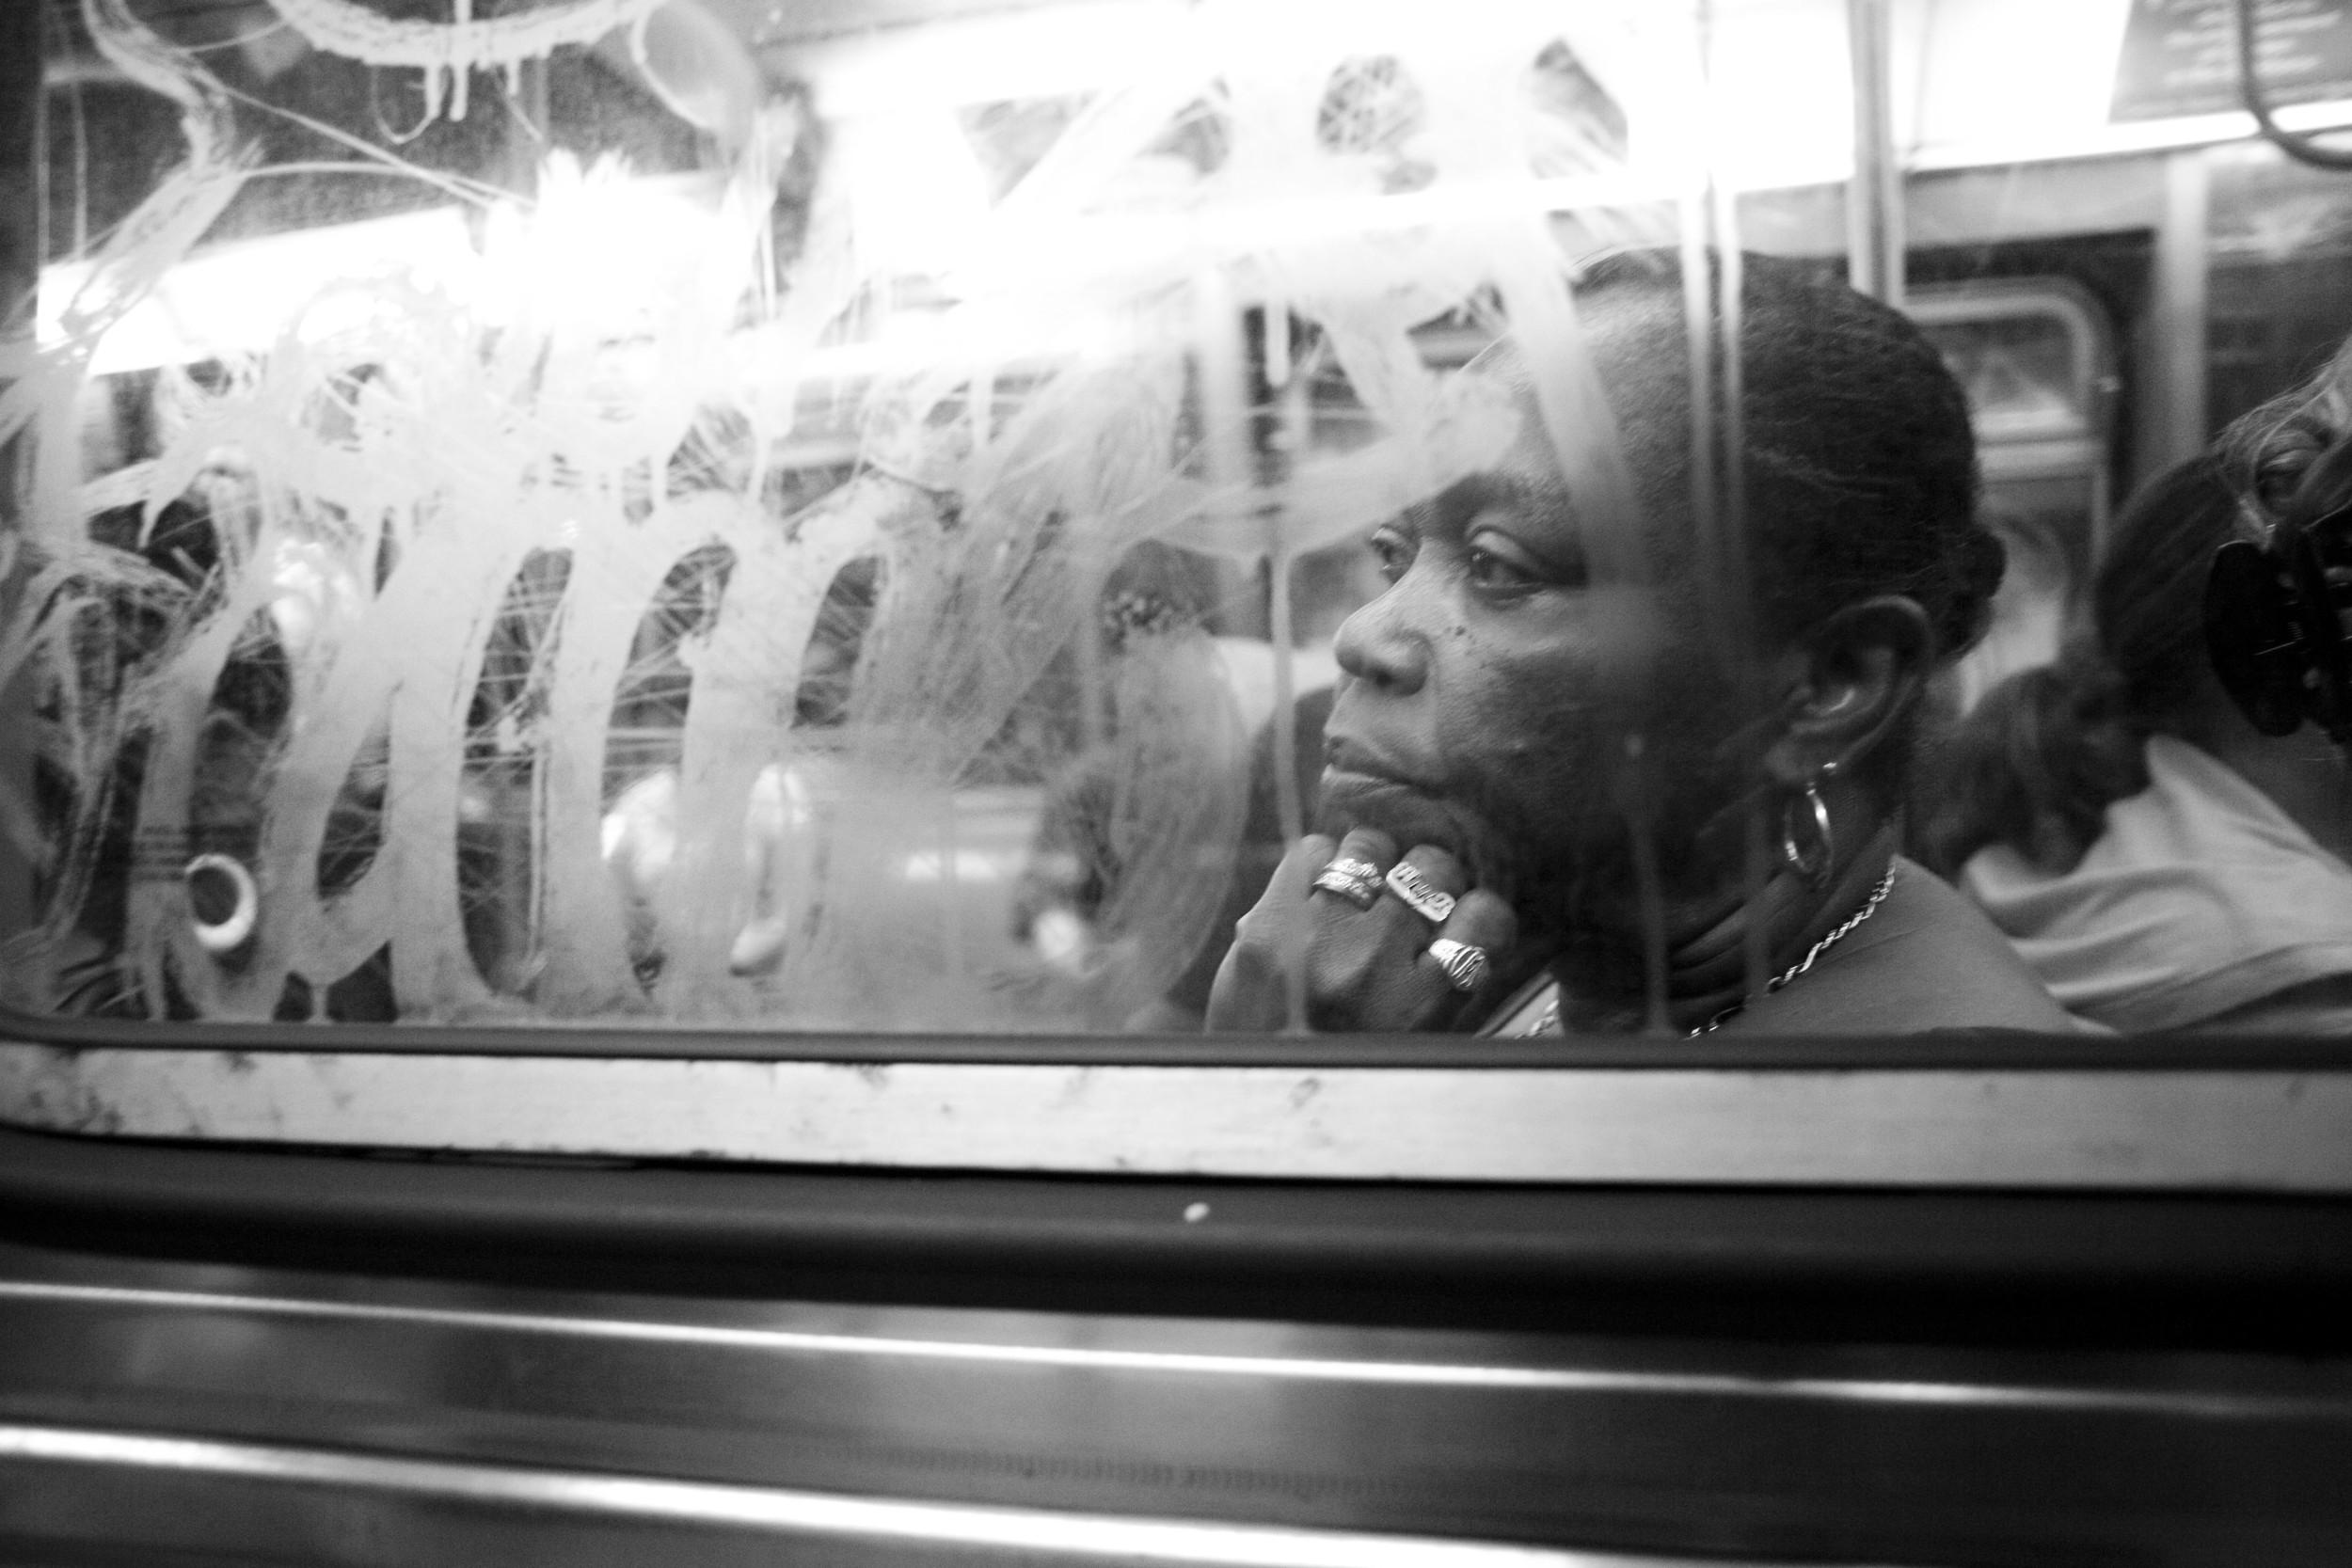 Subway-1771.JPG